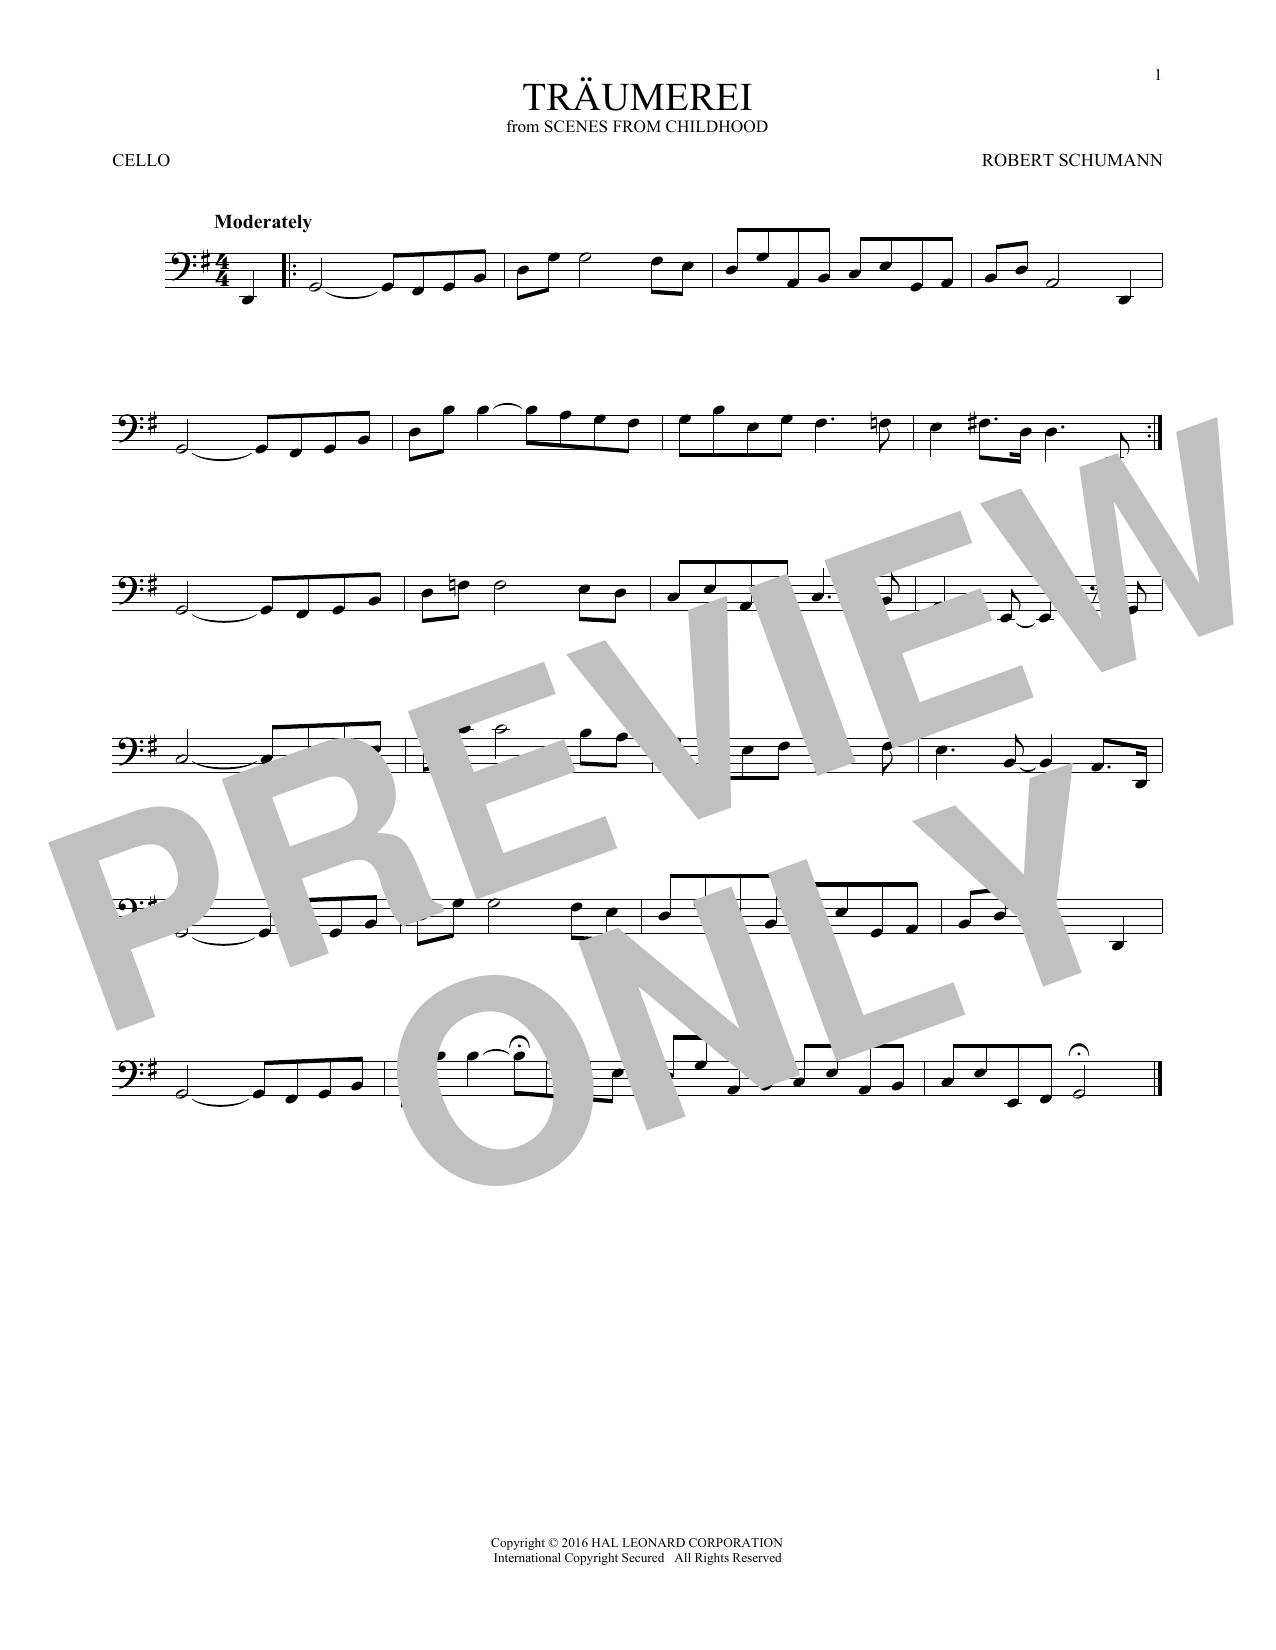 Traumerei (Cello Solo)